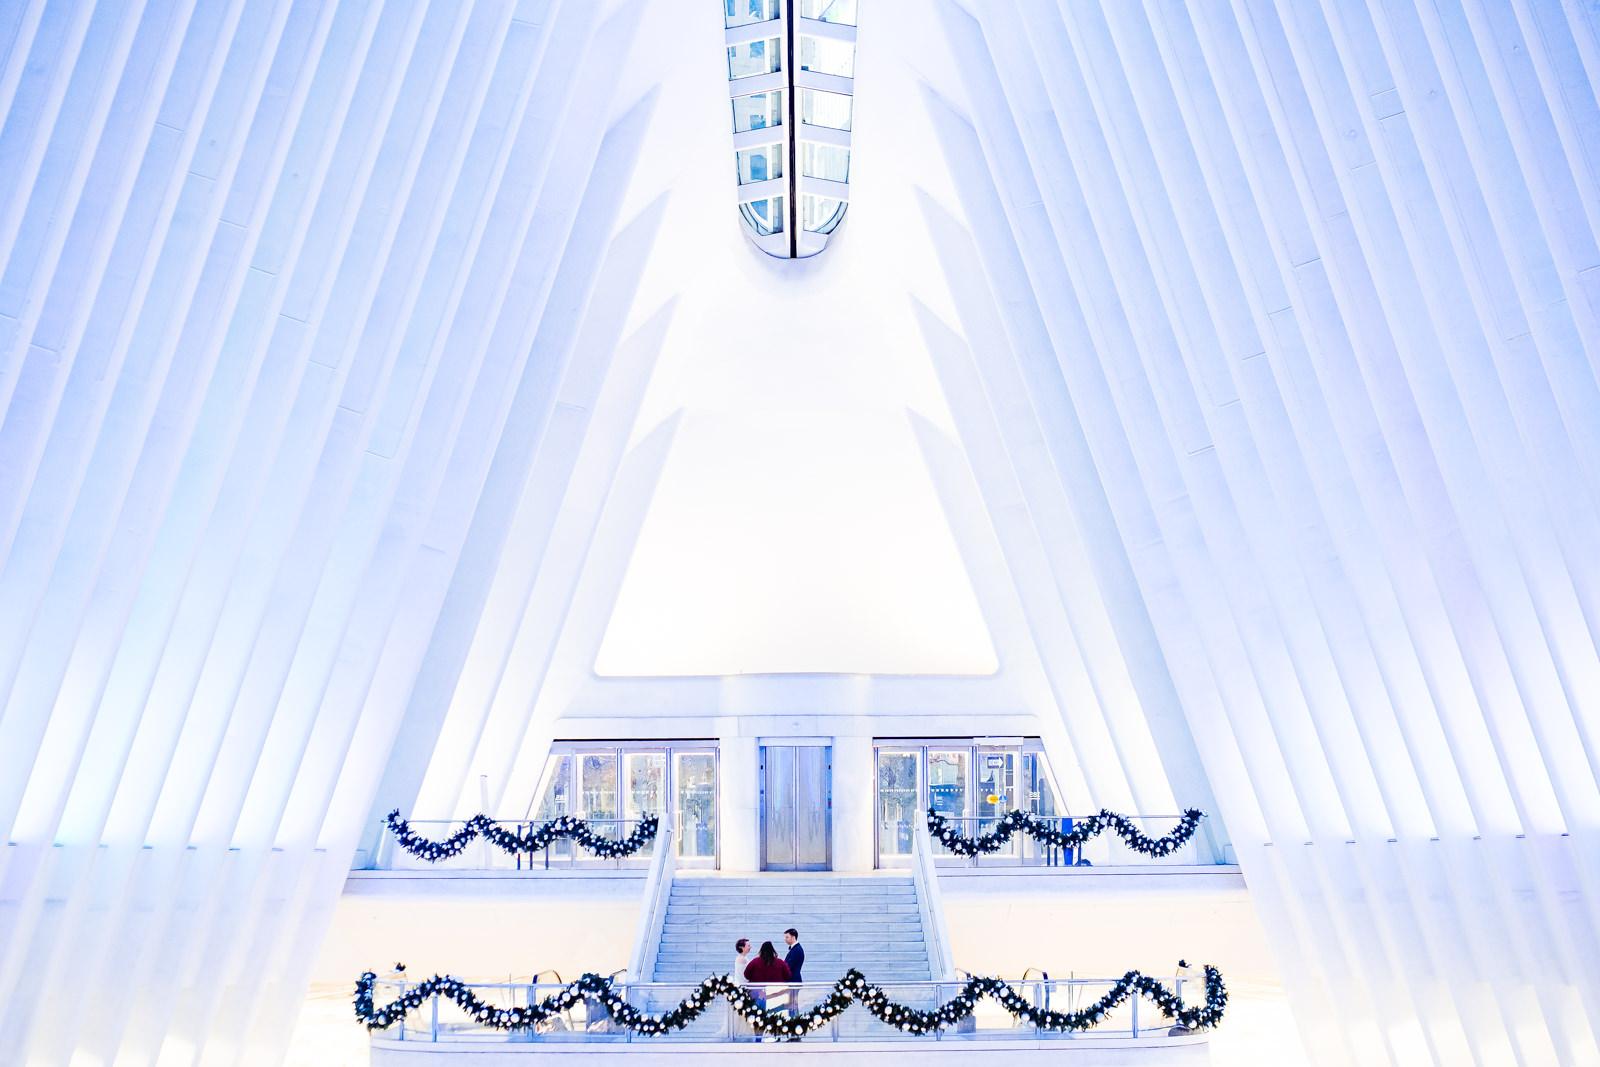 Hochzeitsbilder bei einer freien Trauung von Trautante Friederike Delong in der PATH-Station am World Trade Center in New York City fotografiert von Hochzeitsfotograf Steven Herrschaft aus Wiesbaden